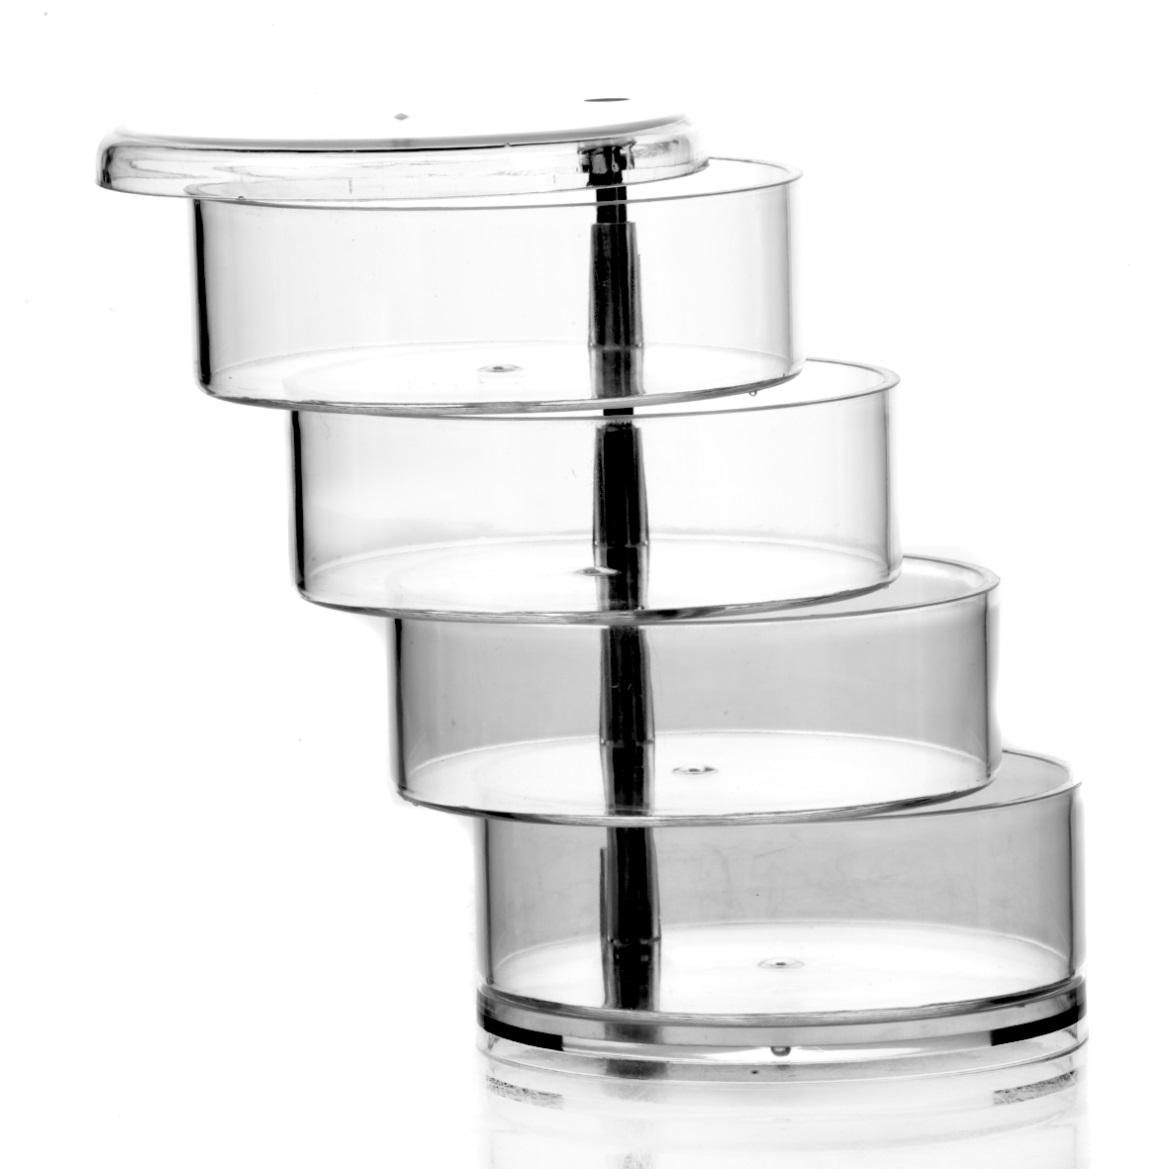 Подставка четырехъярусная House & Holder4630003364517Подставка с крышкой House & Holder отлично подойдет для хранения украшений или косметики. Выполнена из прозрачного пластика. Подставка имеет 4 яруса, которые можно смещать для удобства использования.Размер подставки: 11,5 см х 11,5 см х 18 см.Размер яруса: 11,5 см х 11,5 см х 3,5 см.